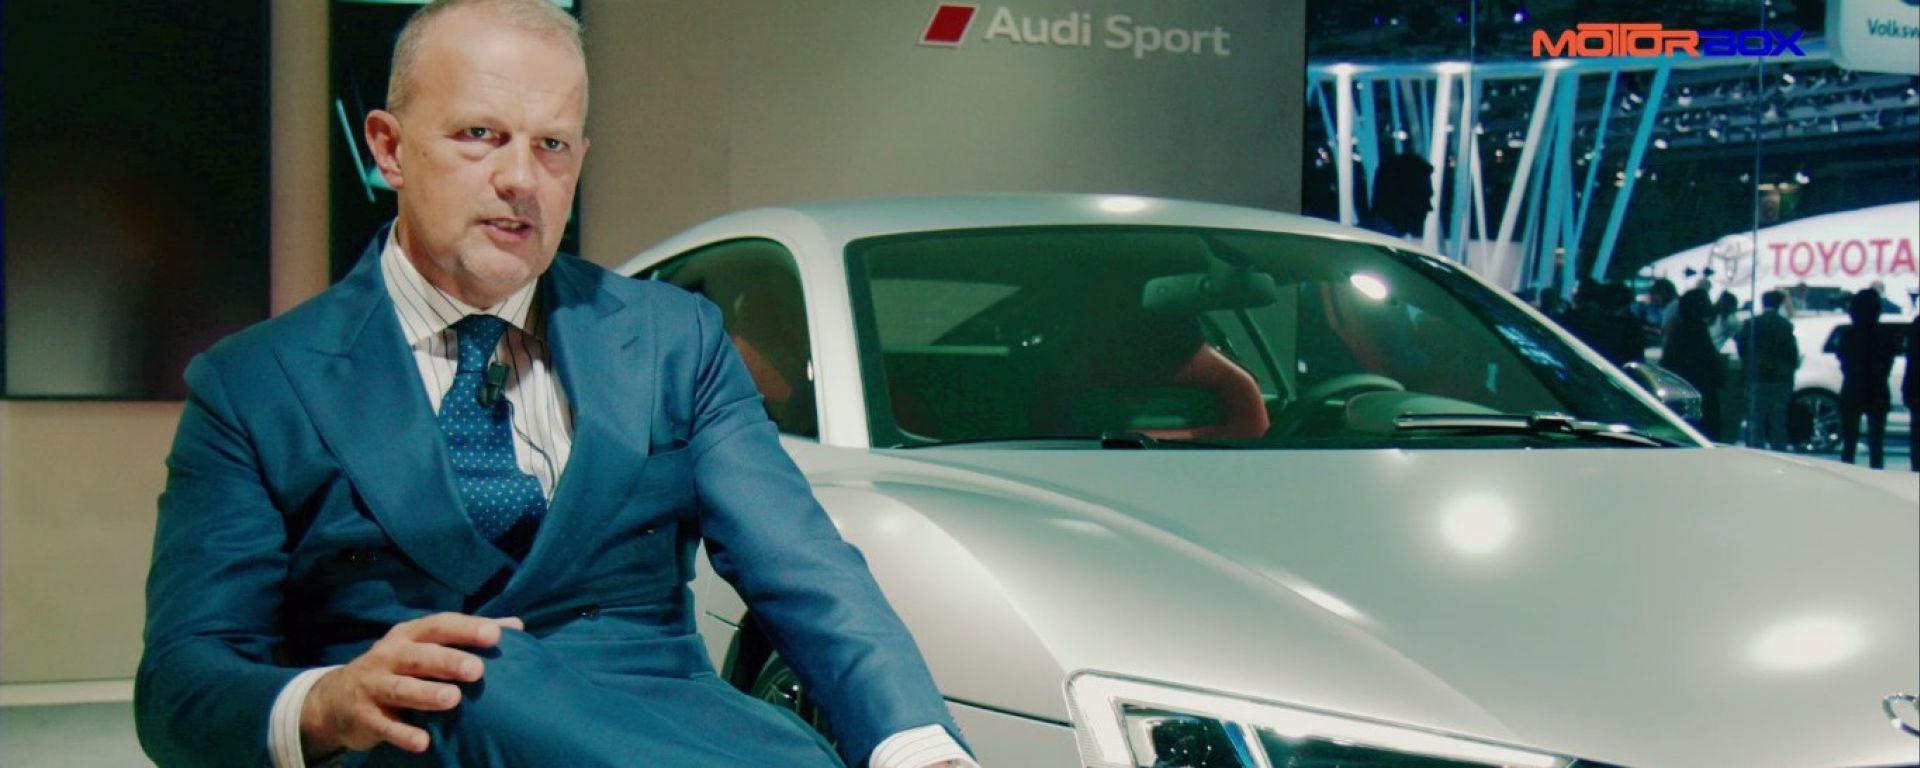 Nuova Audi Q5: cosa è cambiato?